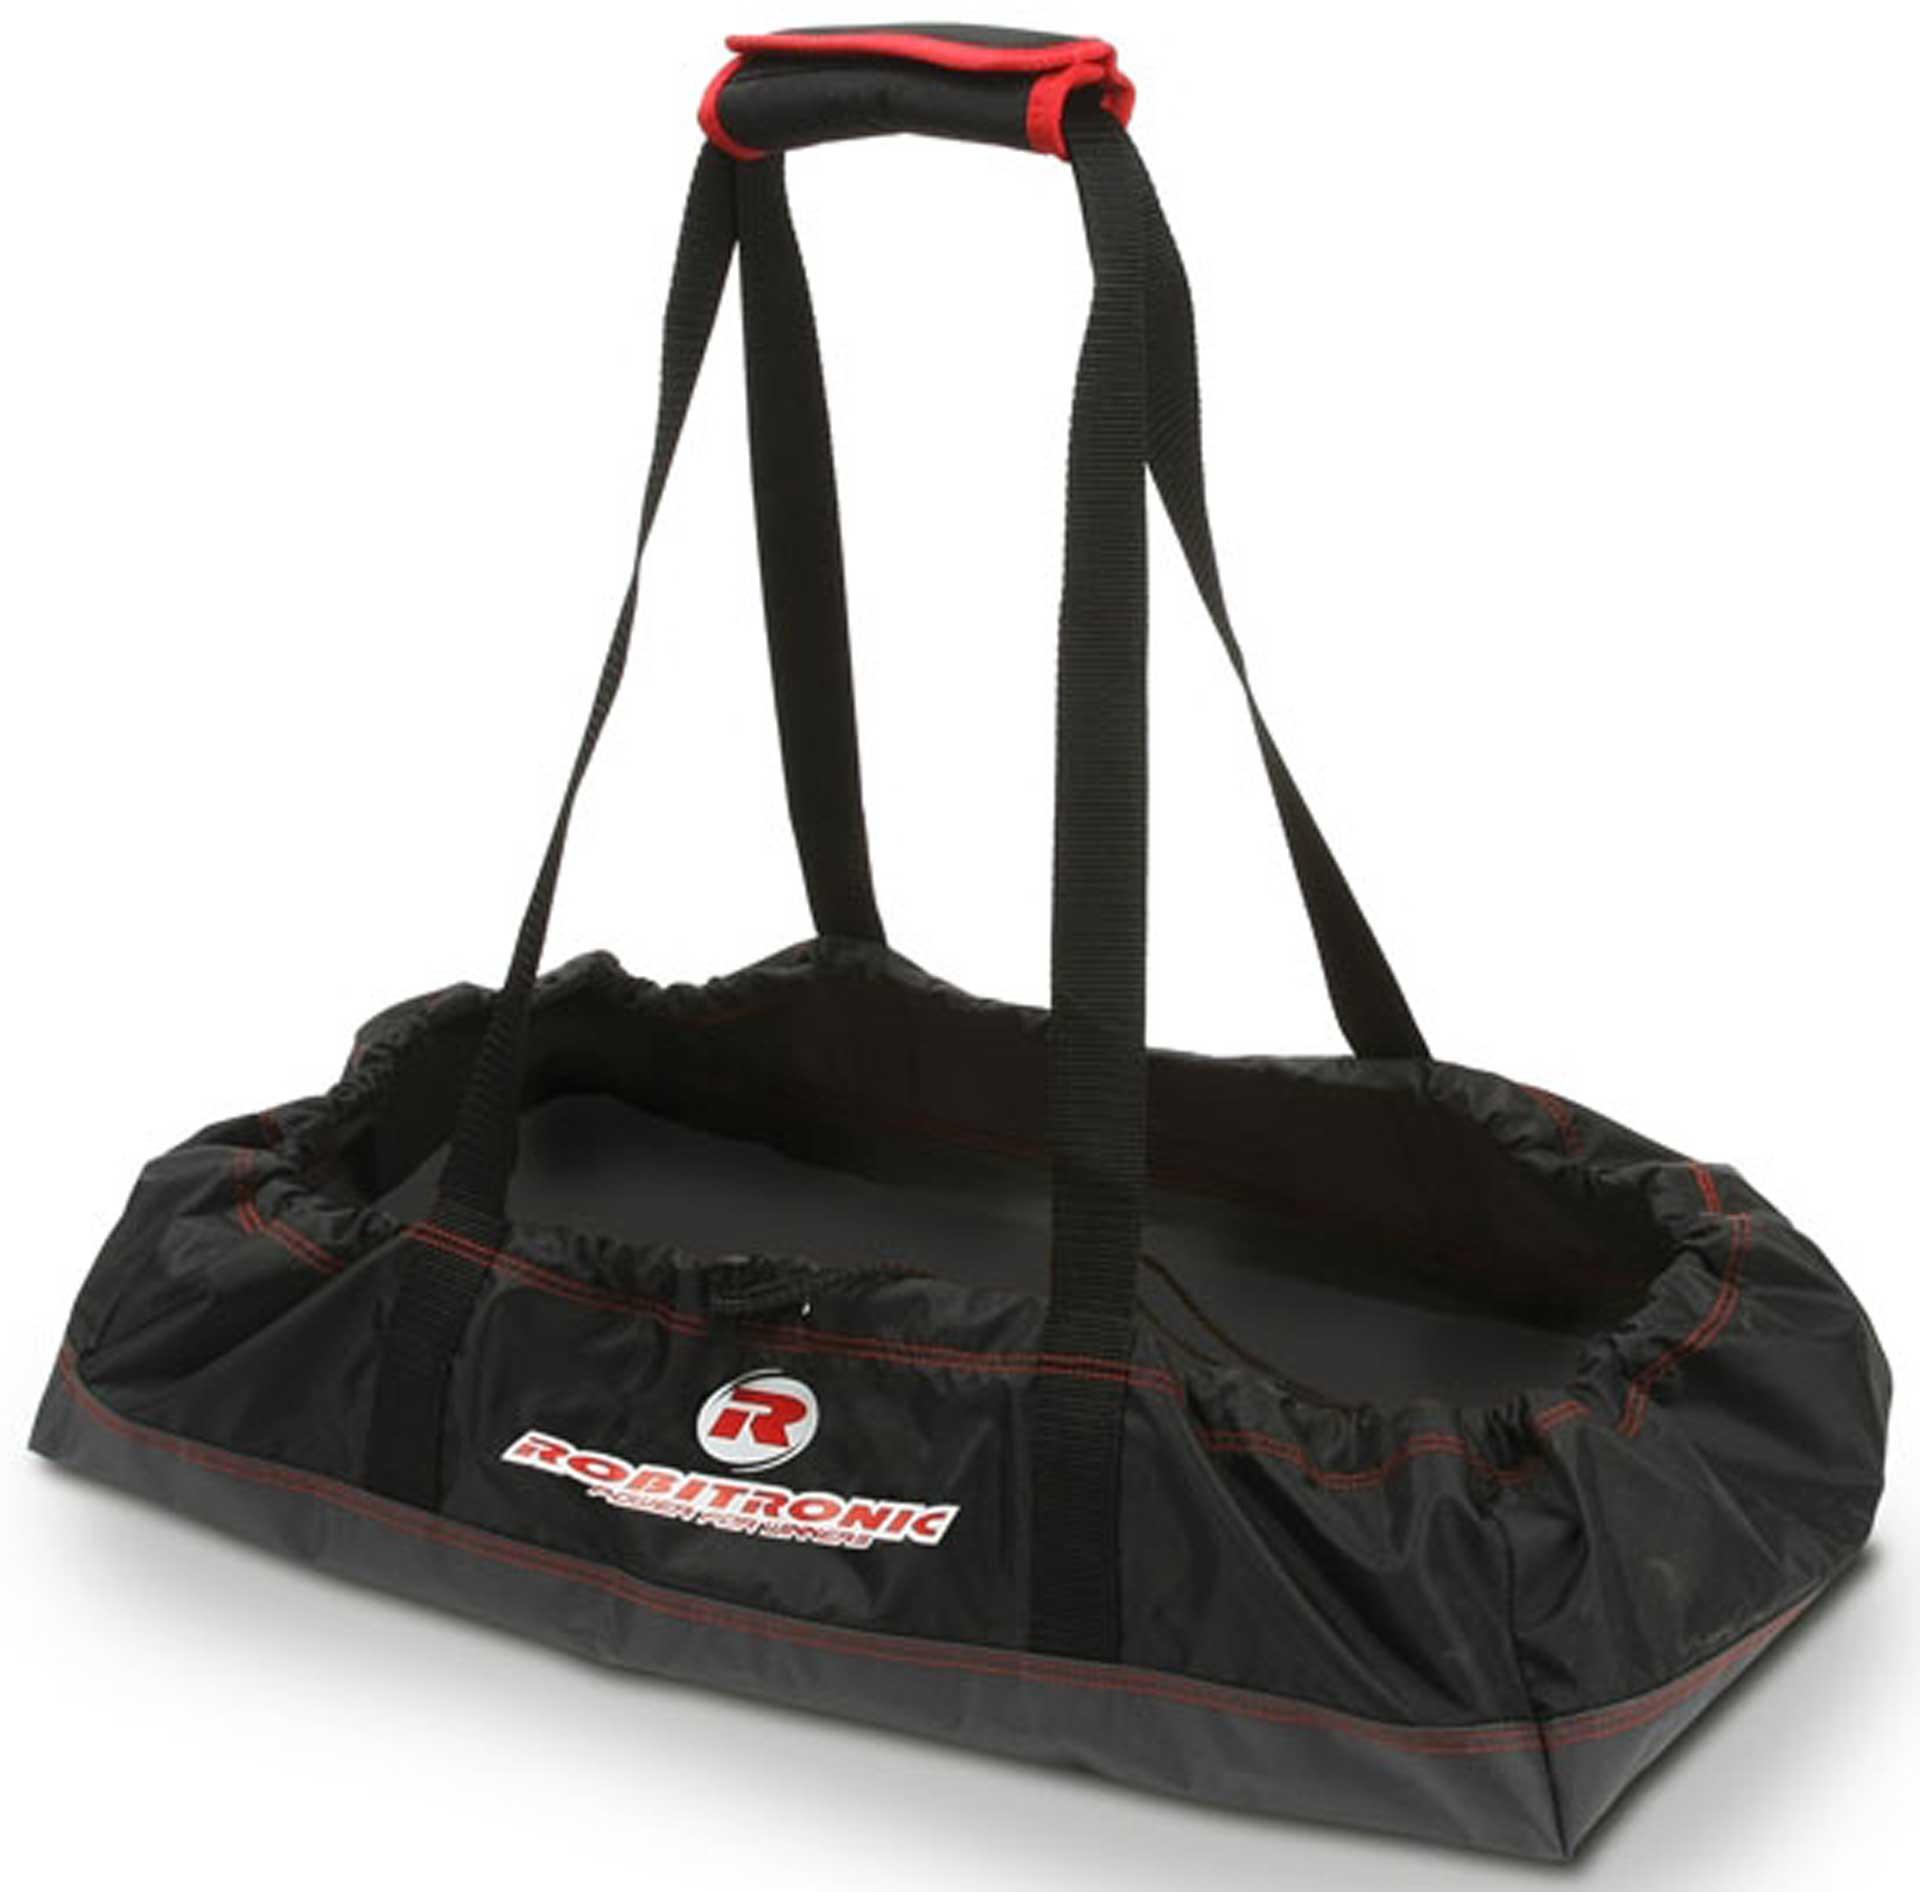 ROBITRONIC Dirtbag Carrying Bag for Crawler